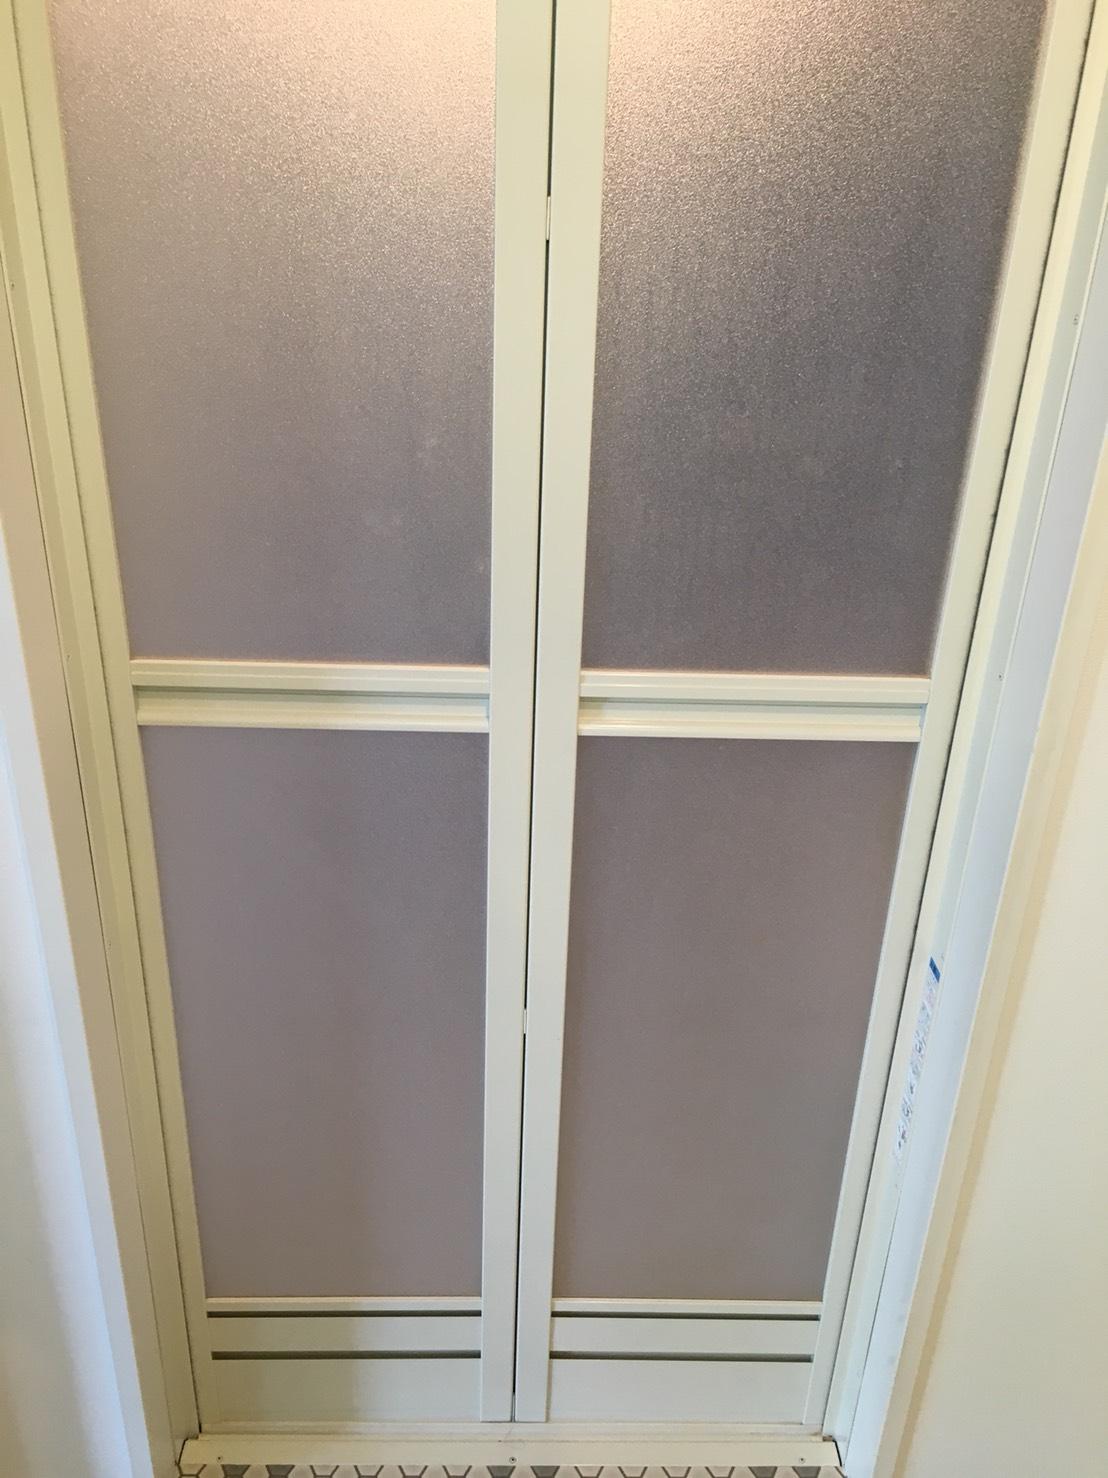 宝塚市 ハウスクリーニング お風呂(浴室)ドアの汚れの洗浄/掃除 カビとりはおそうじプラスにおまかせください!